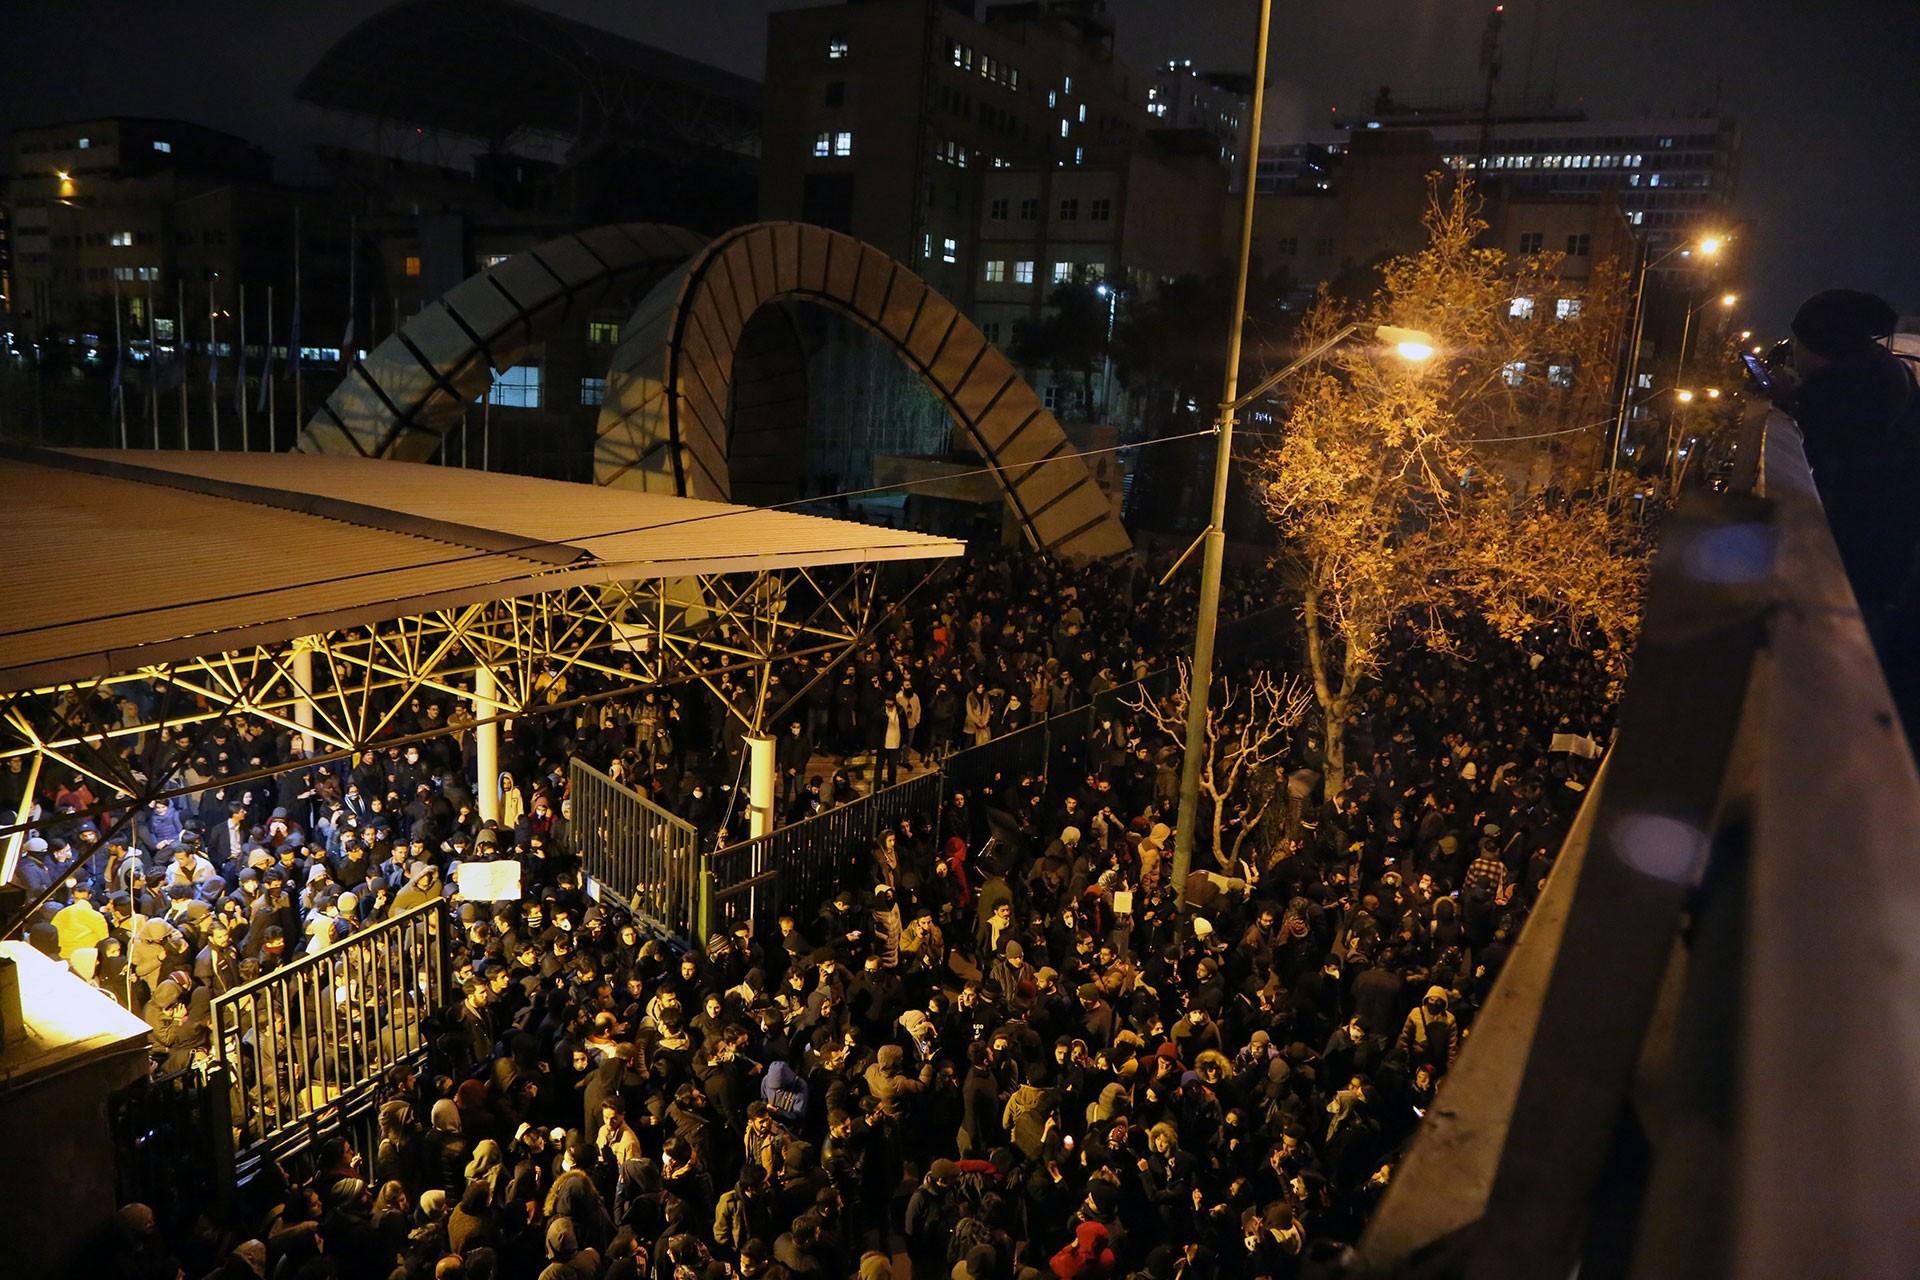 İran'da yolcu uçağı düşürülmesini protesto eden çok sayıda kişi.